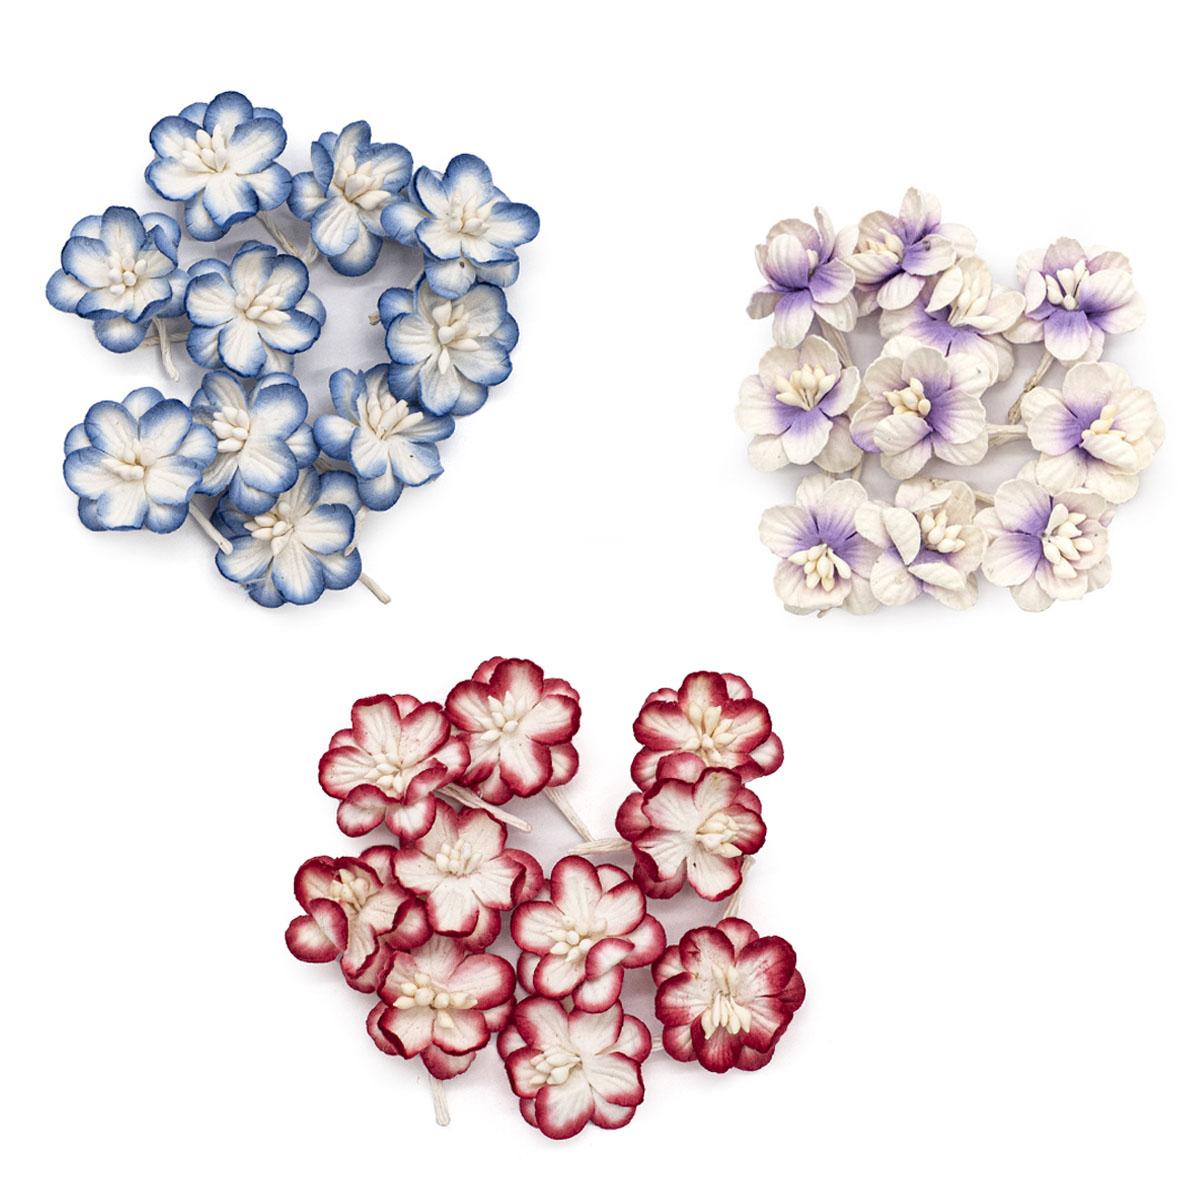 Набор цветки вишни из бумаги, бело-синий, красно-белый, фиолетово-белый, 30 шт, Астра